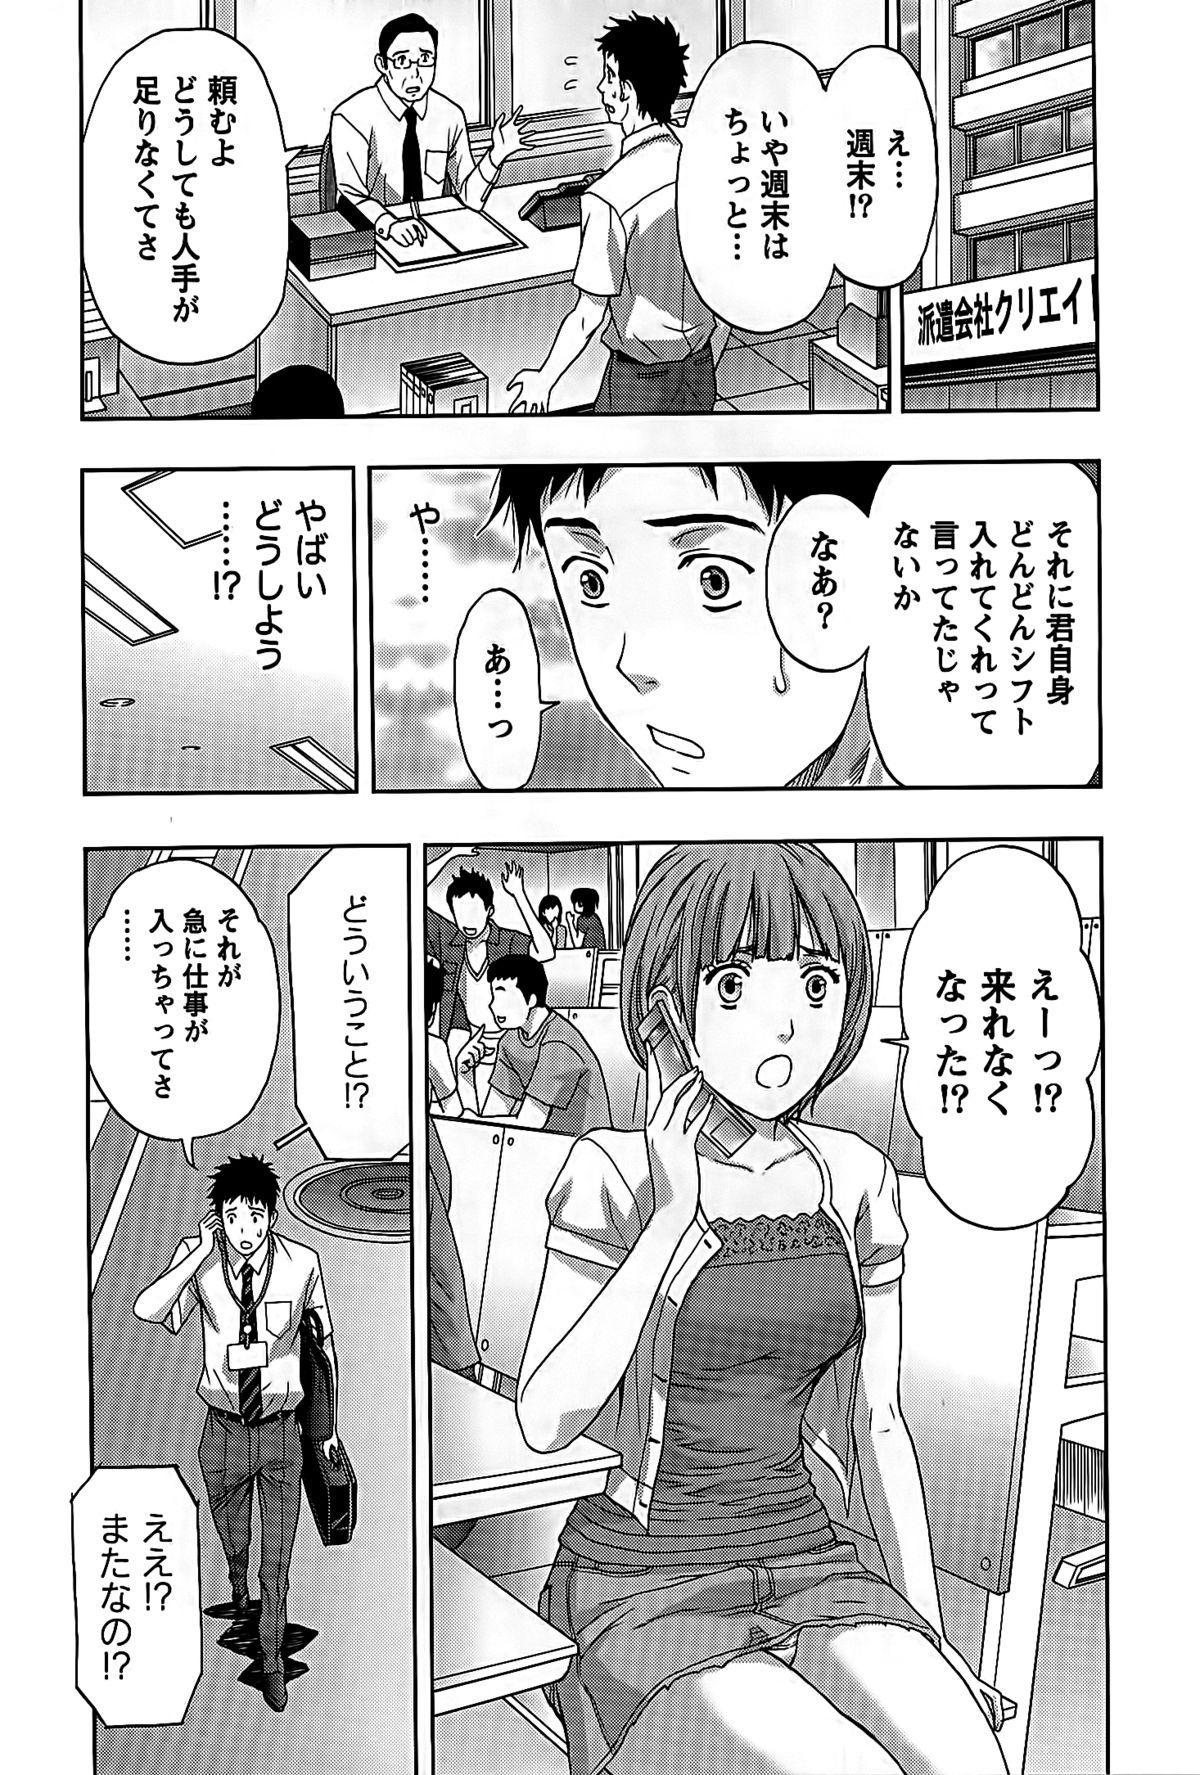 Shittori Lady to Amai Mitsu 176